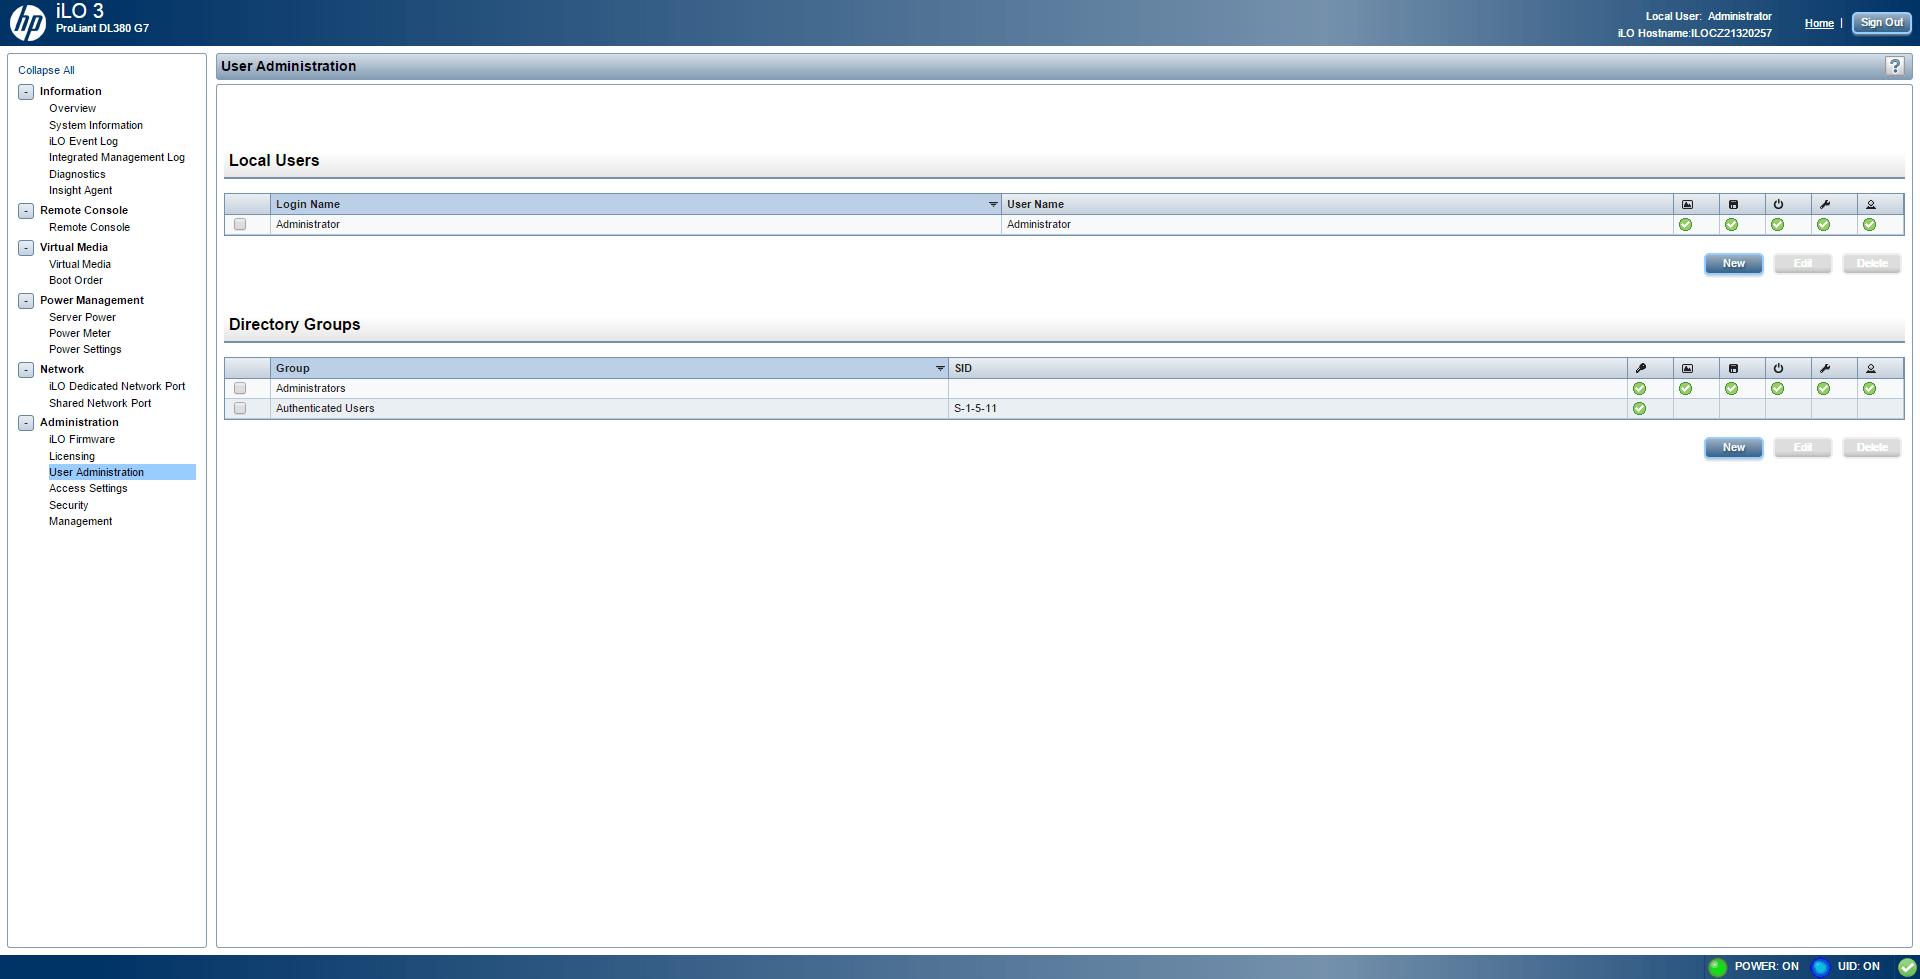 Обзор параметров ILO 3 в HP dl380 g7-24